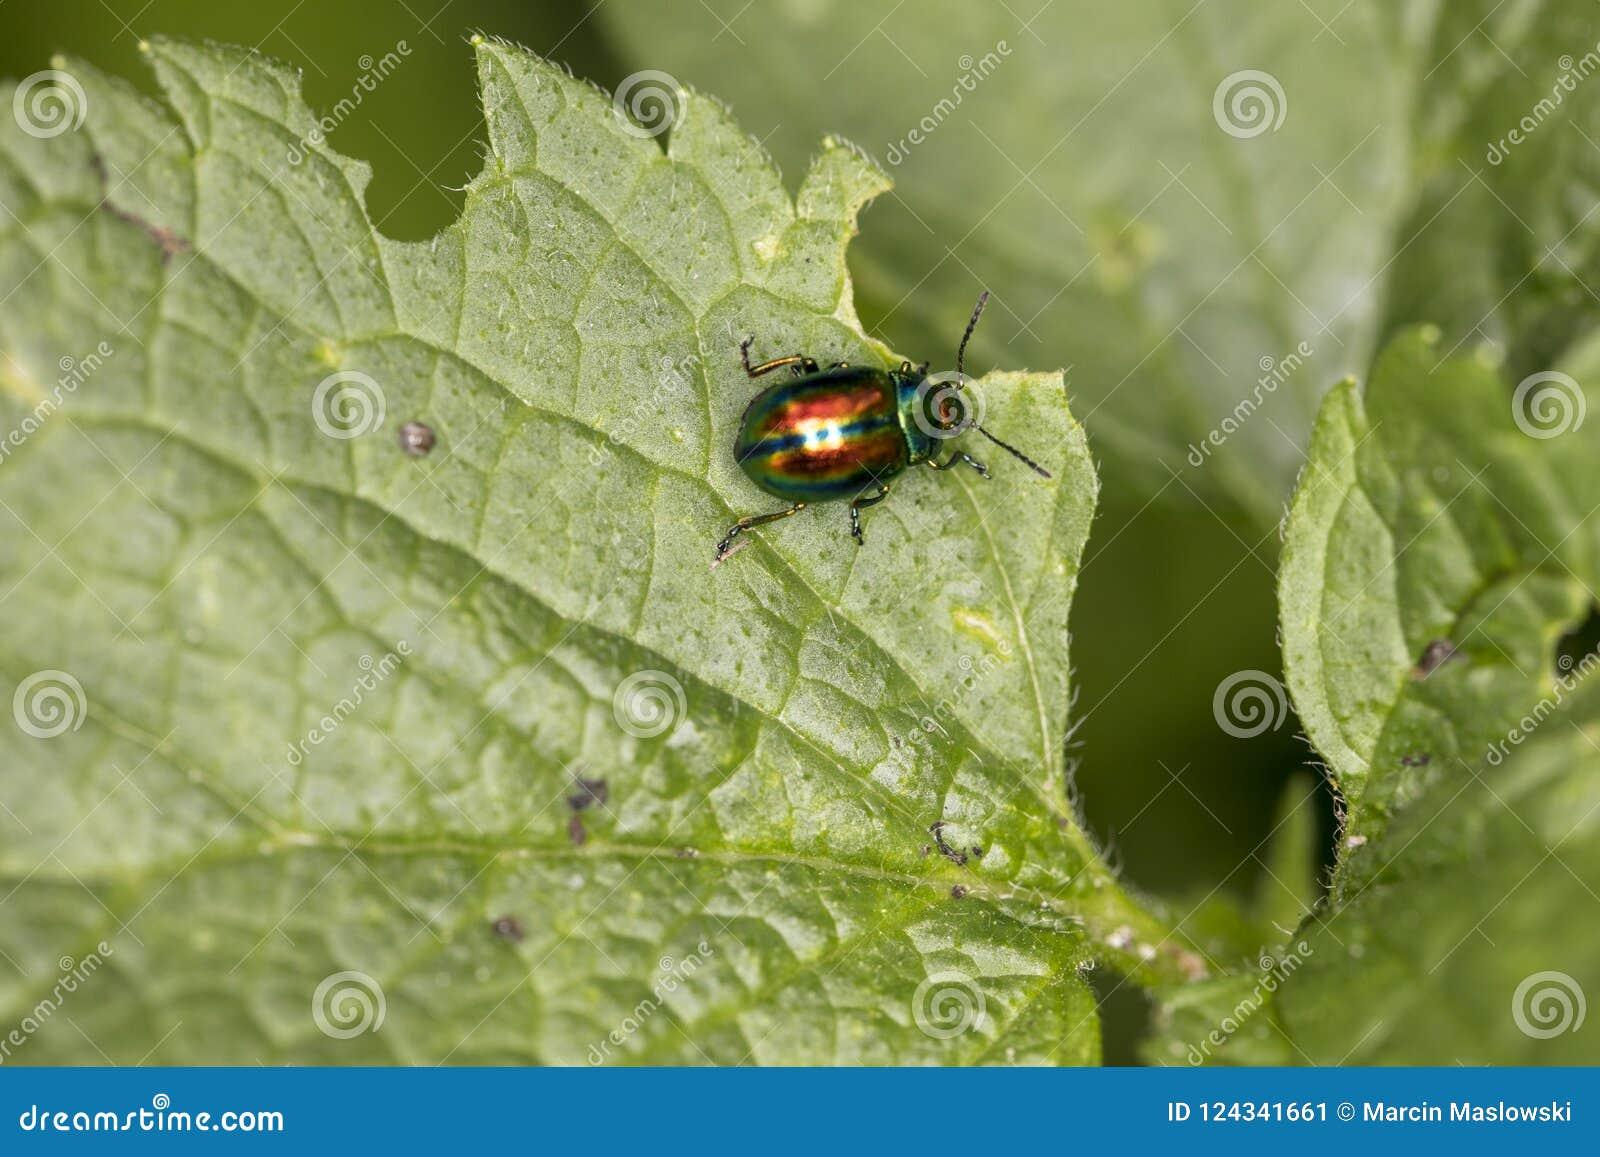 Chrysolina fastuosa,五颜六色的甲虫在一片绿色叶子,vi漫步